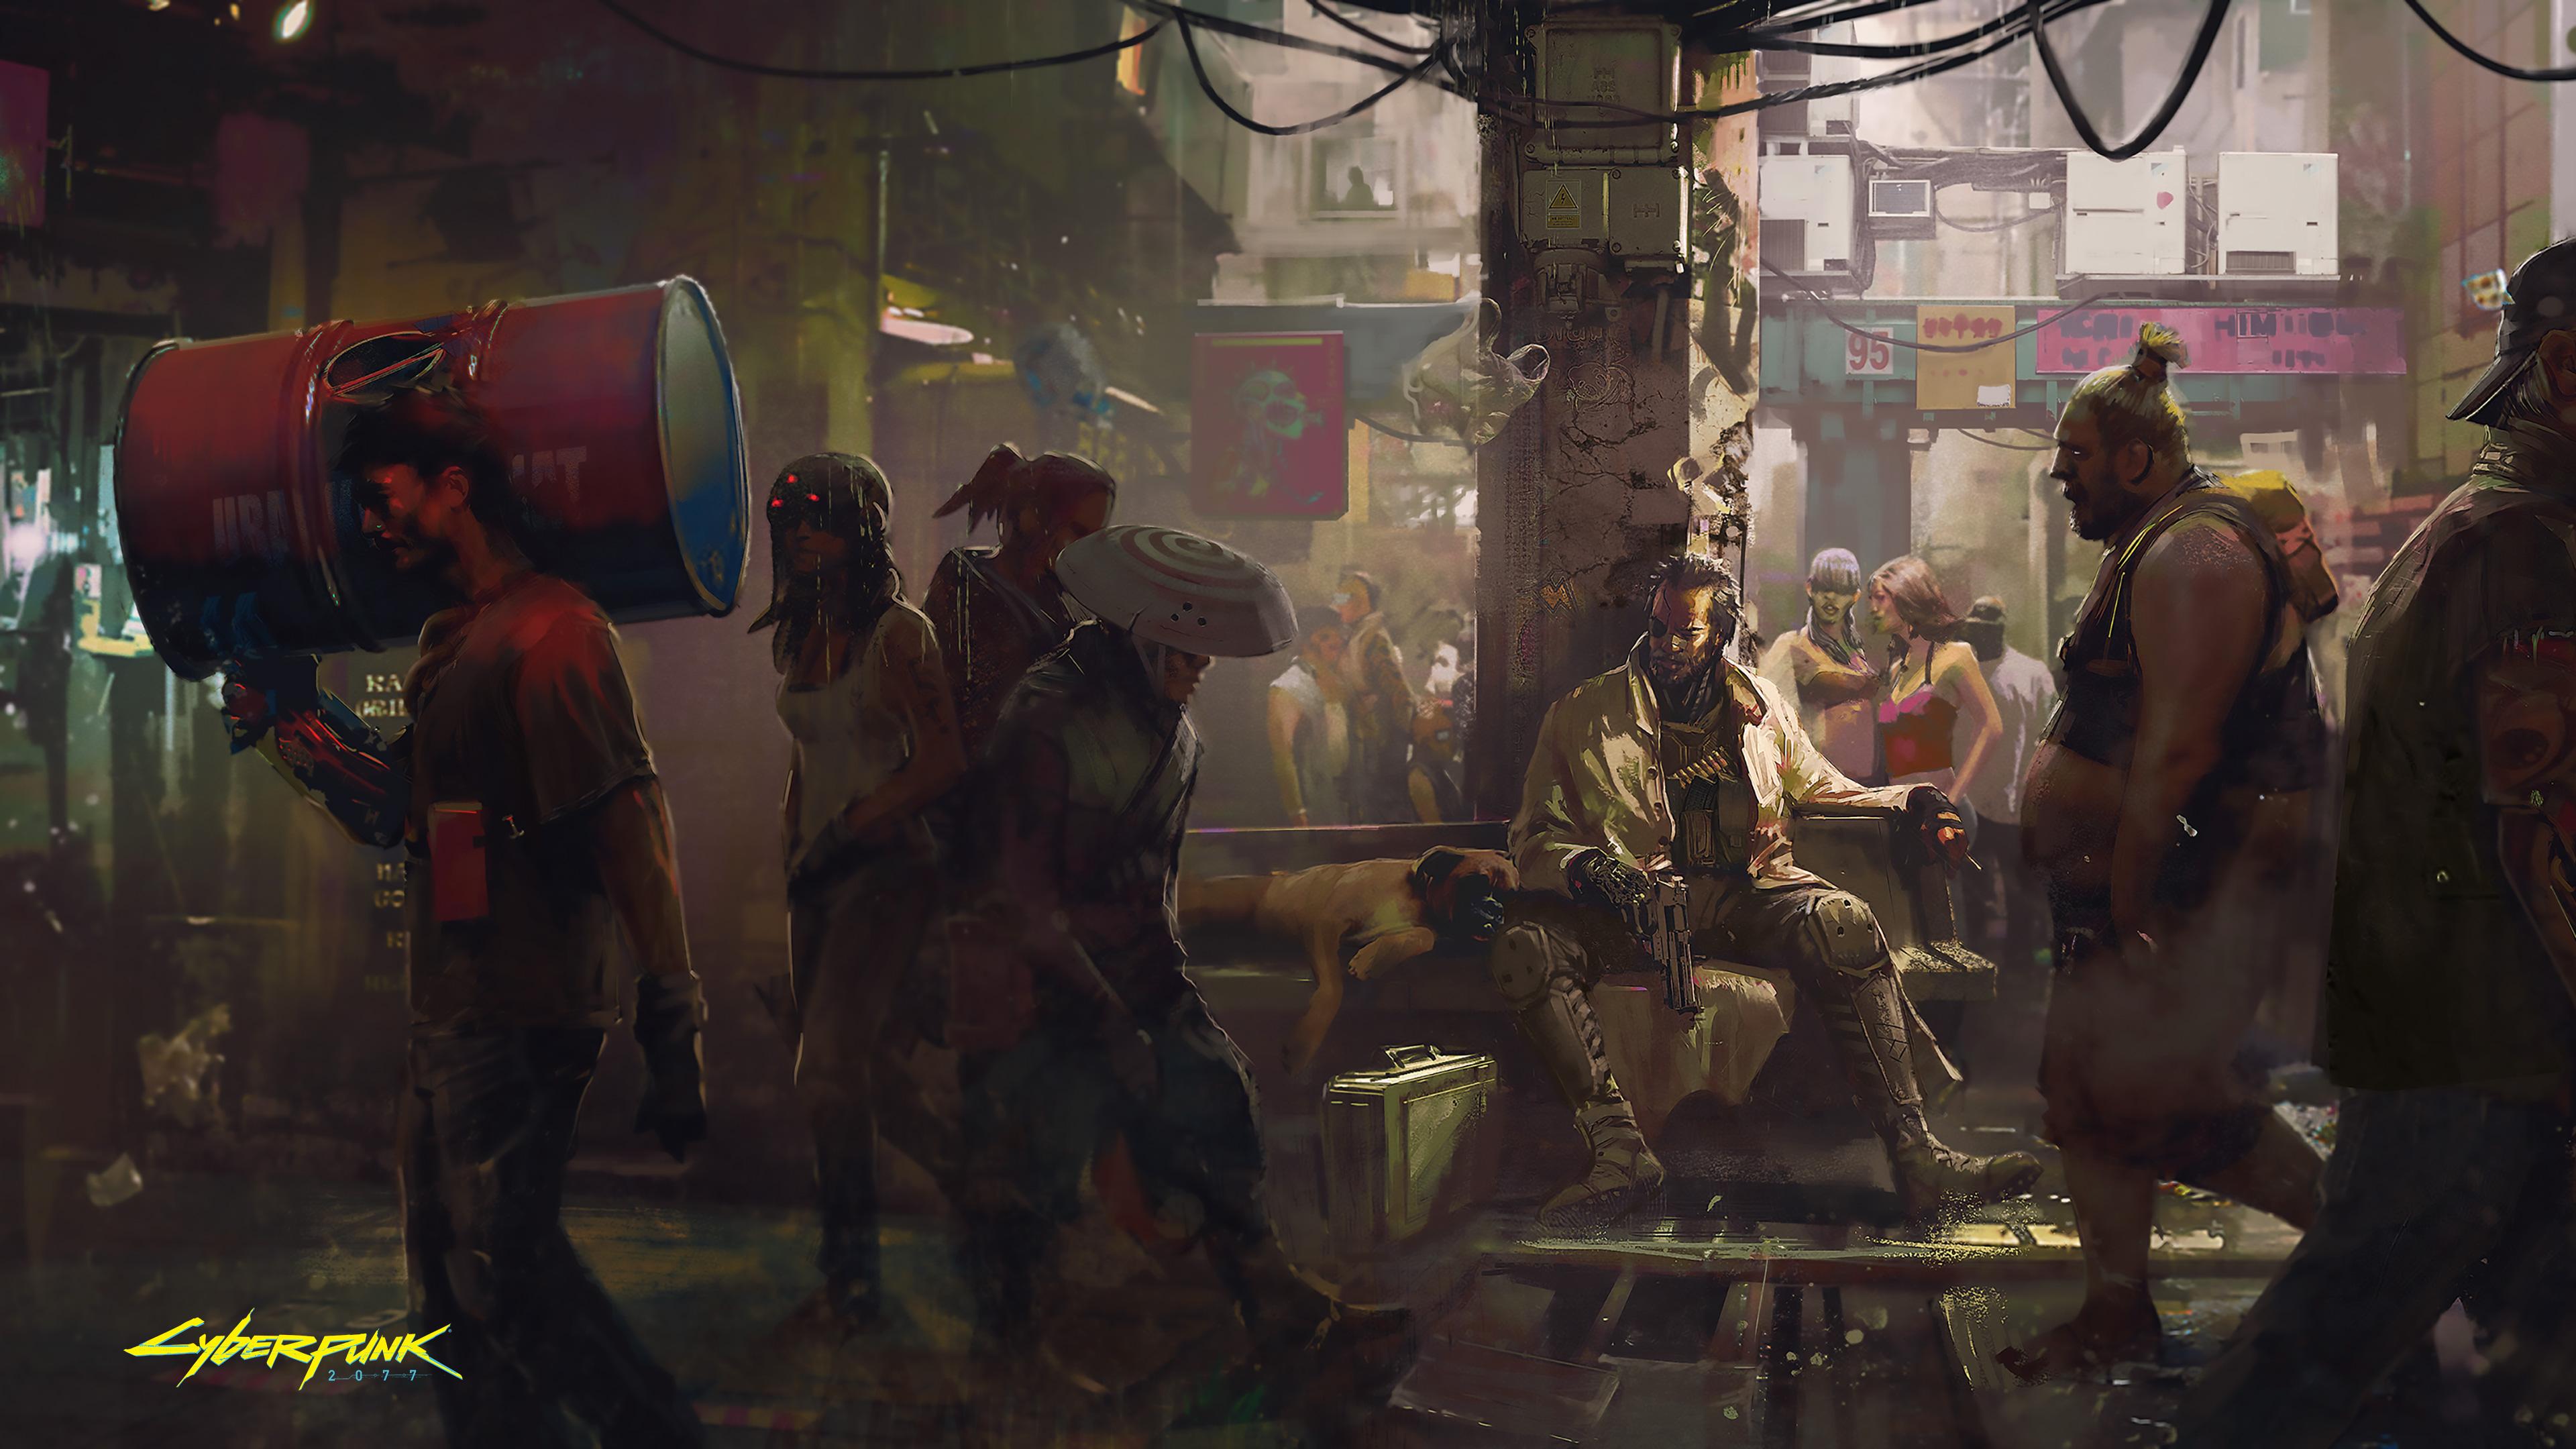 cyberpunk 2077 city 4k 1553074325 - Cyberpunk 2077 City 4k - xbox games wallpapers, scifi wallpapers, ps games wallpapers, pc games wallpapers, hd-wallpapers, games wallpapers, cyberpunk 2077 wallpapers, 4k-wallpapers